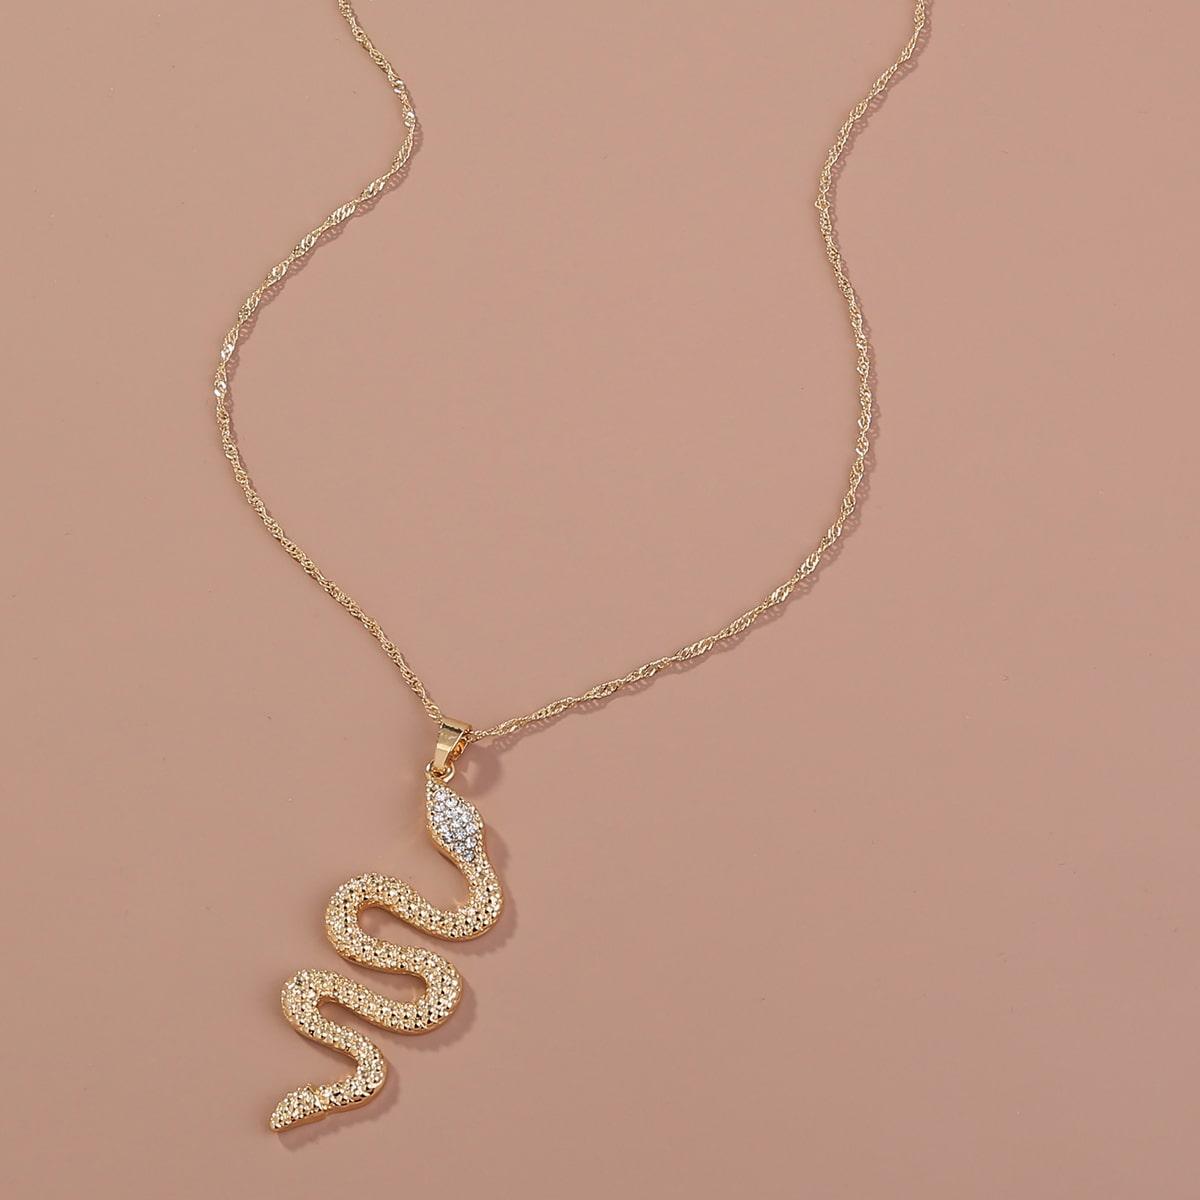 Halskette mit Serpentin Anhänger